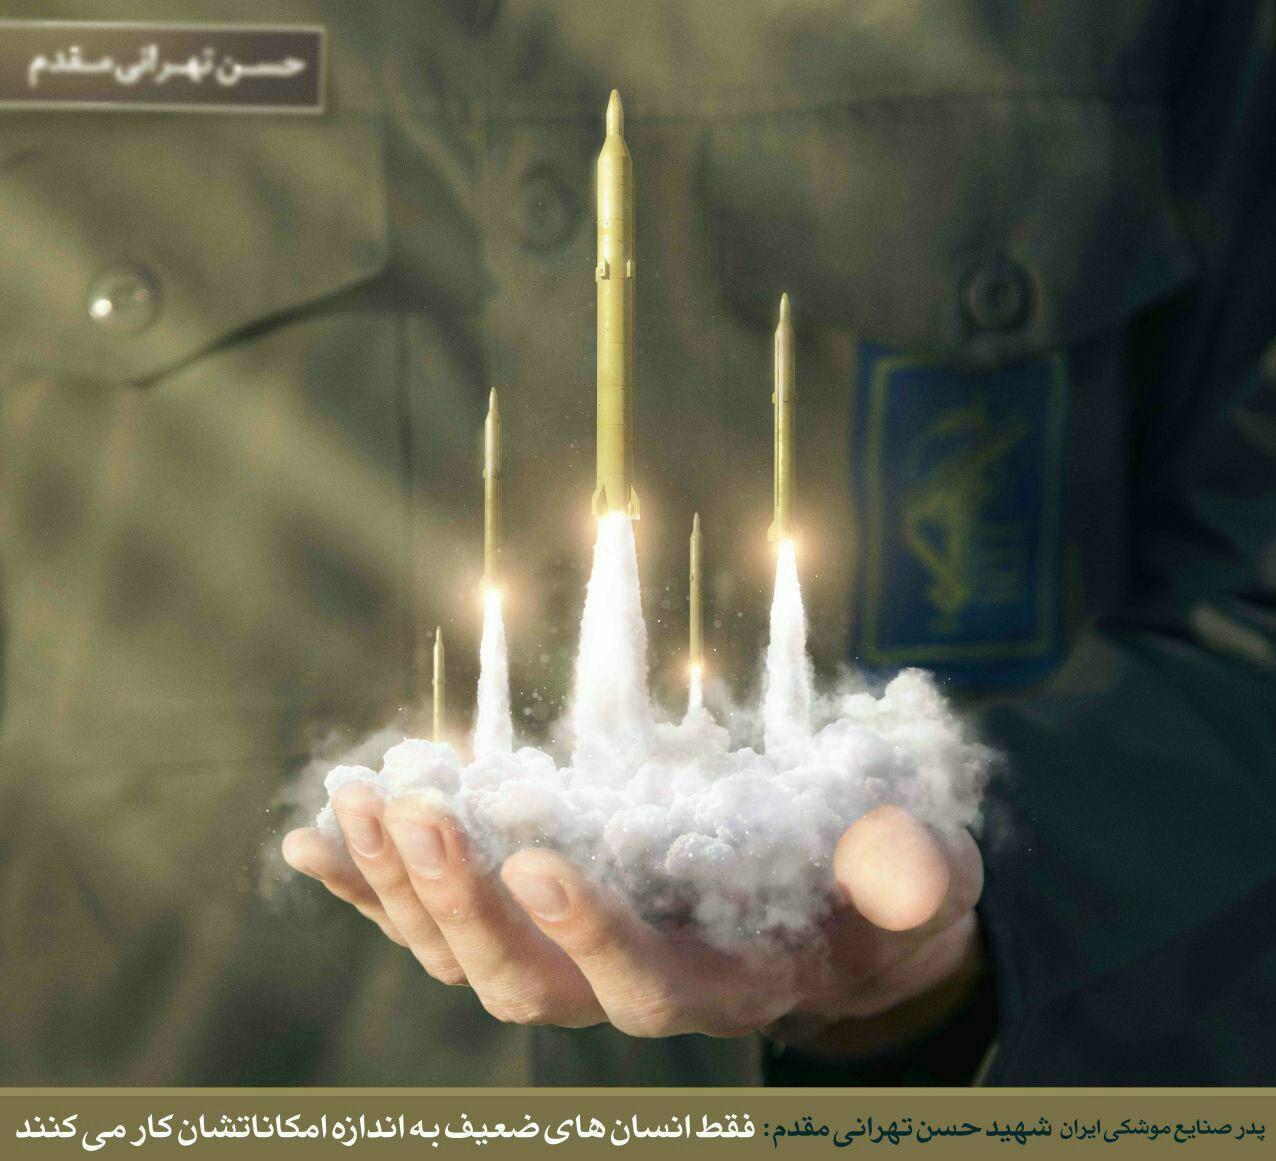 شهید تهرانی مقدم، قهرمانی با ارادهای به بلندای بازوان قدرتمند انقلاب اسلامی